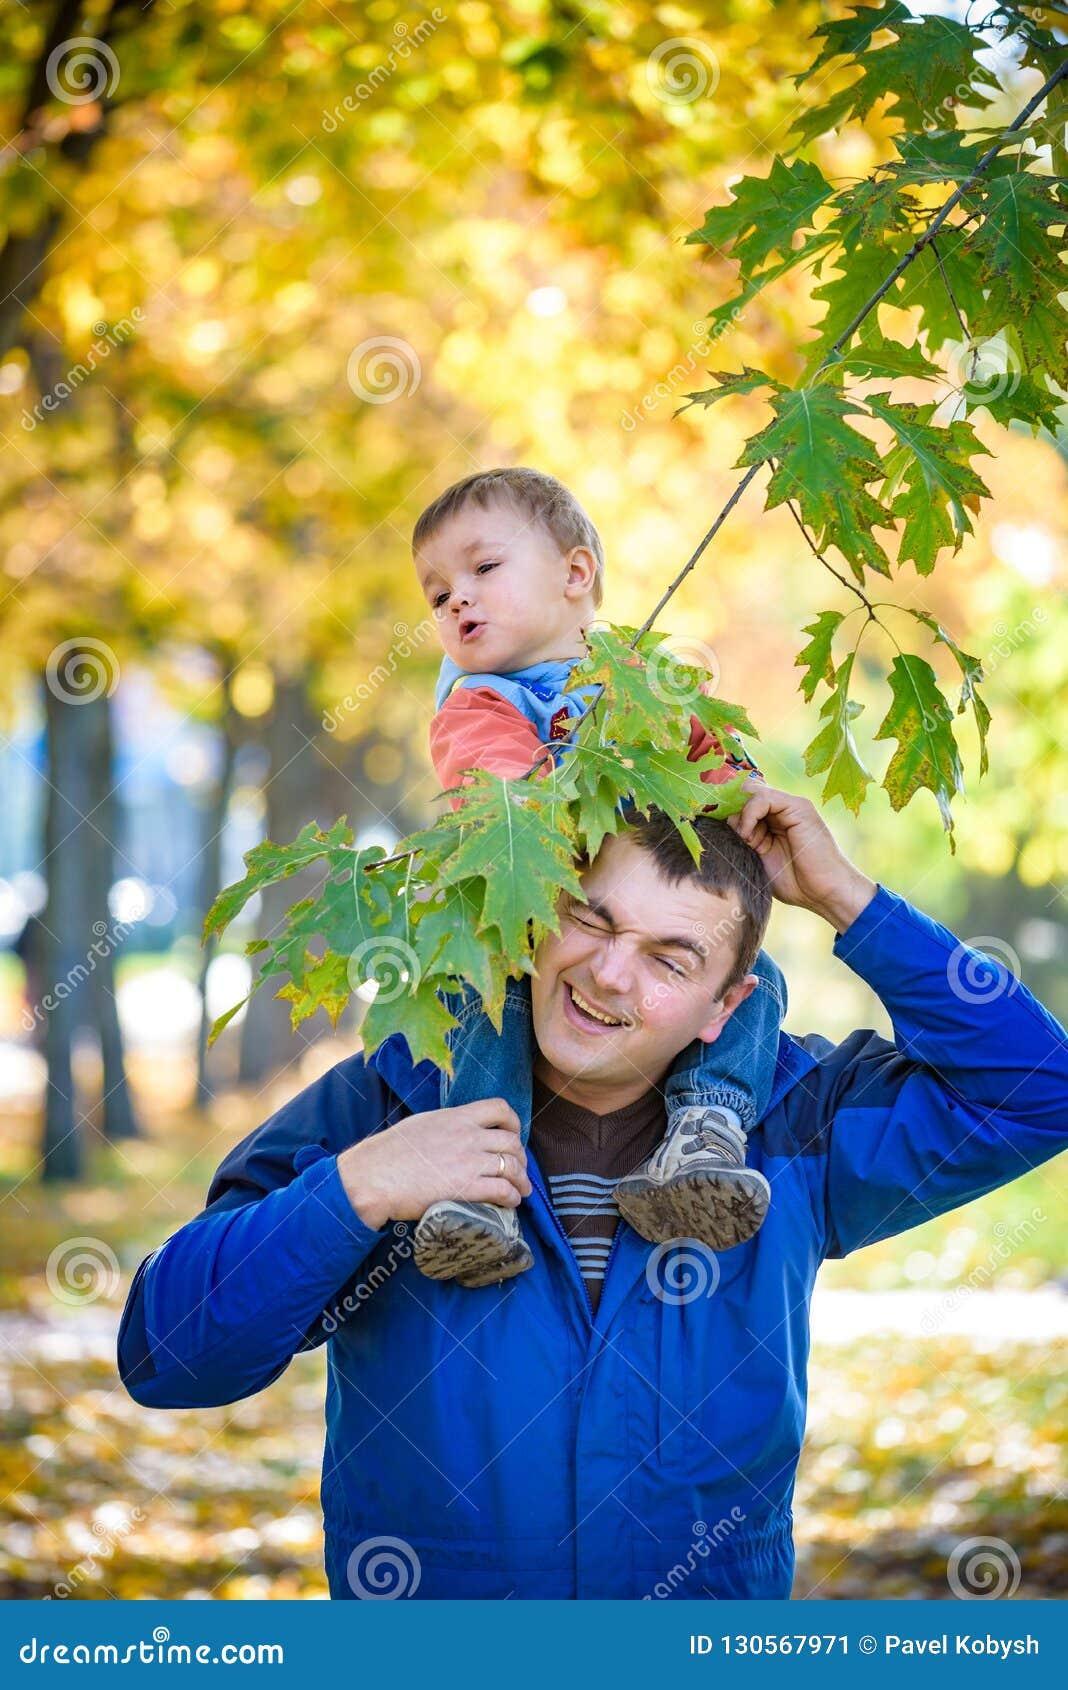 Έννοια οικογένειας, παιδικής ηλικίας και πατρότητας ευτυχής μεταφορά πατέρων